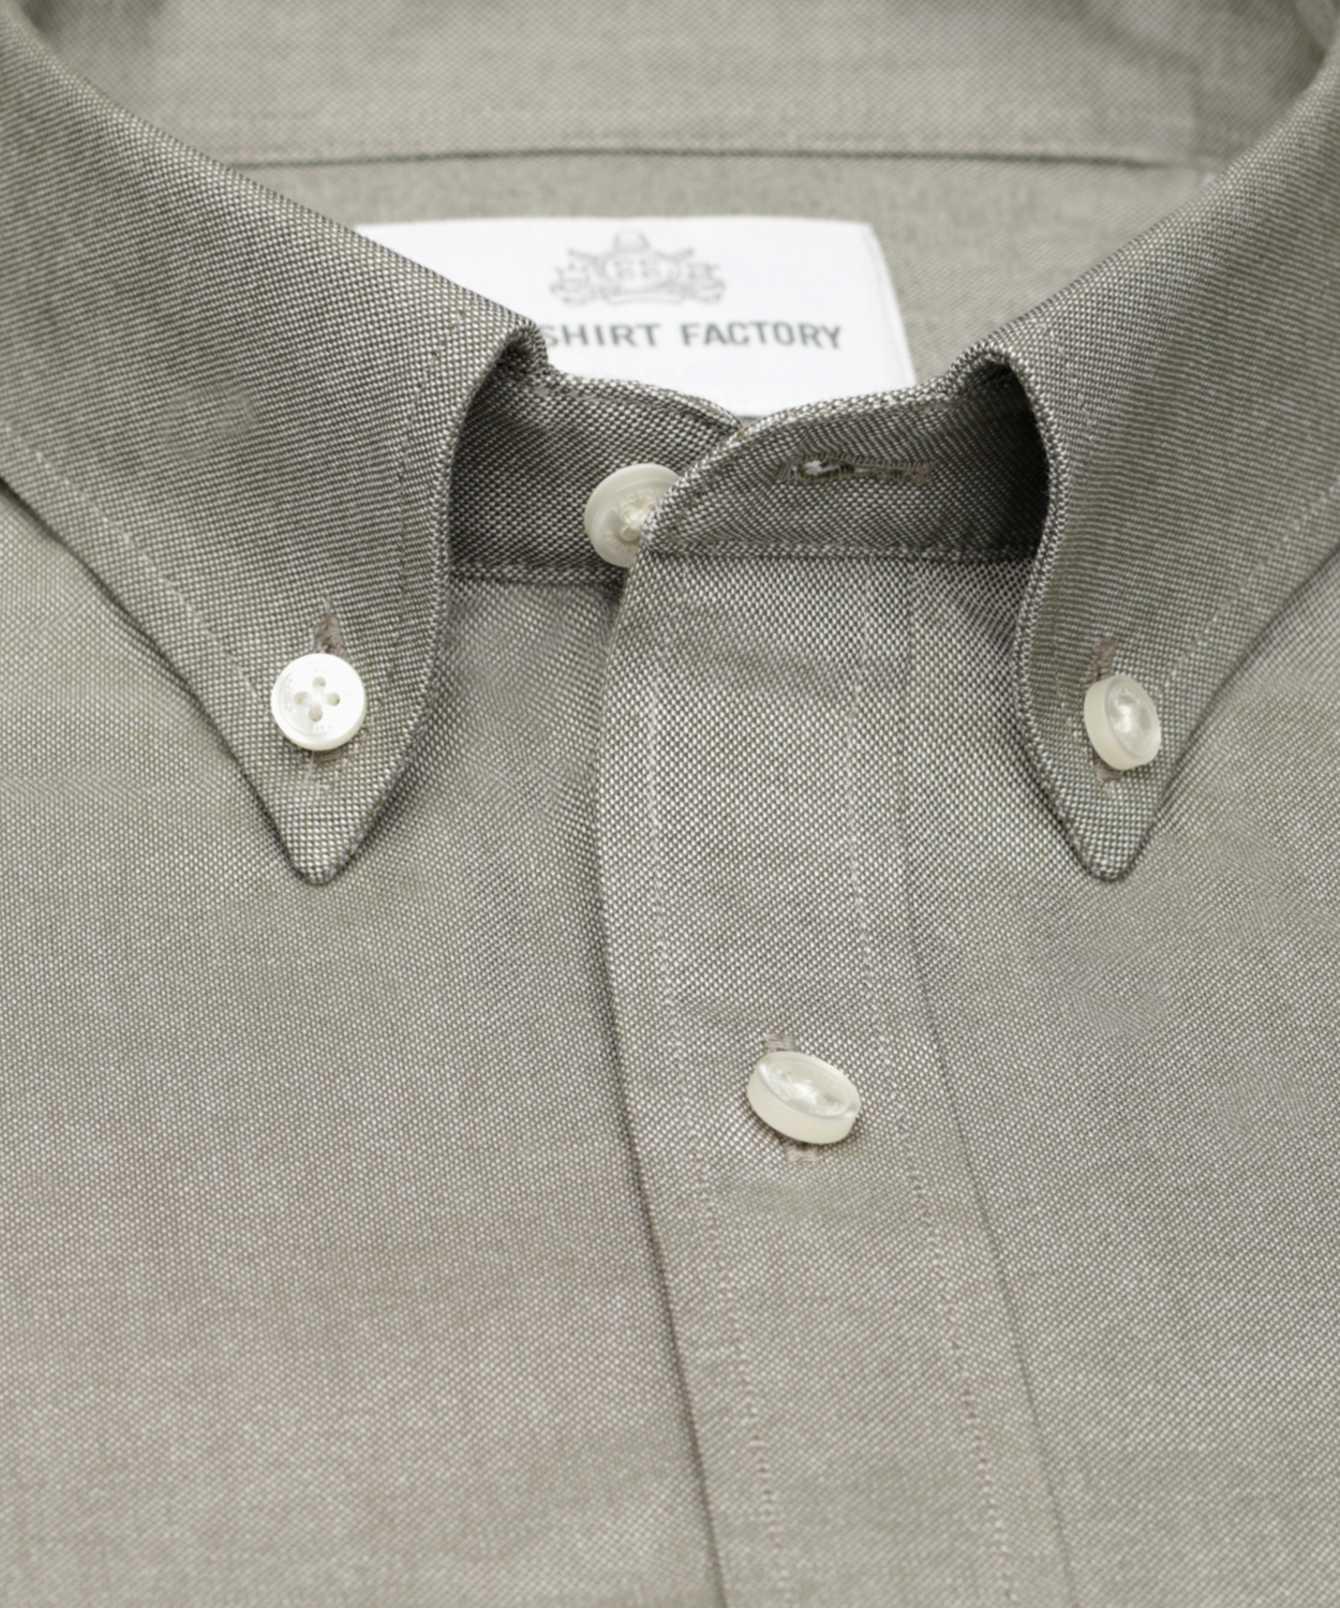 Shirt Hampton Oxford grön The Shirt Factory